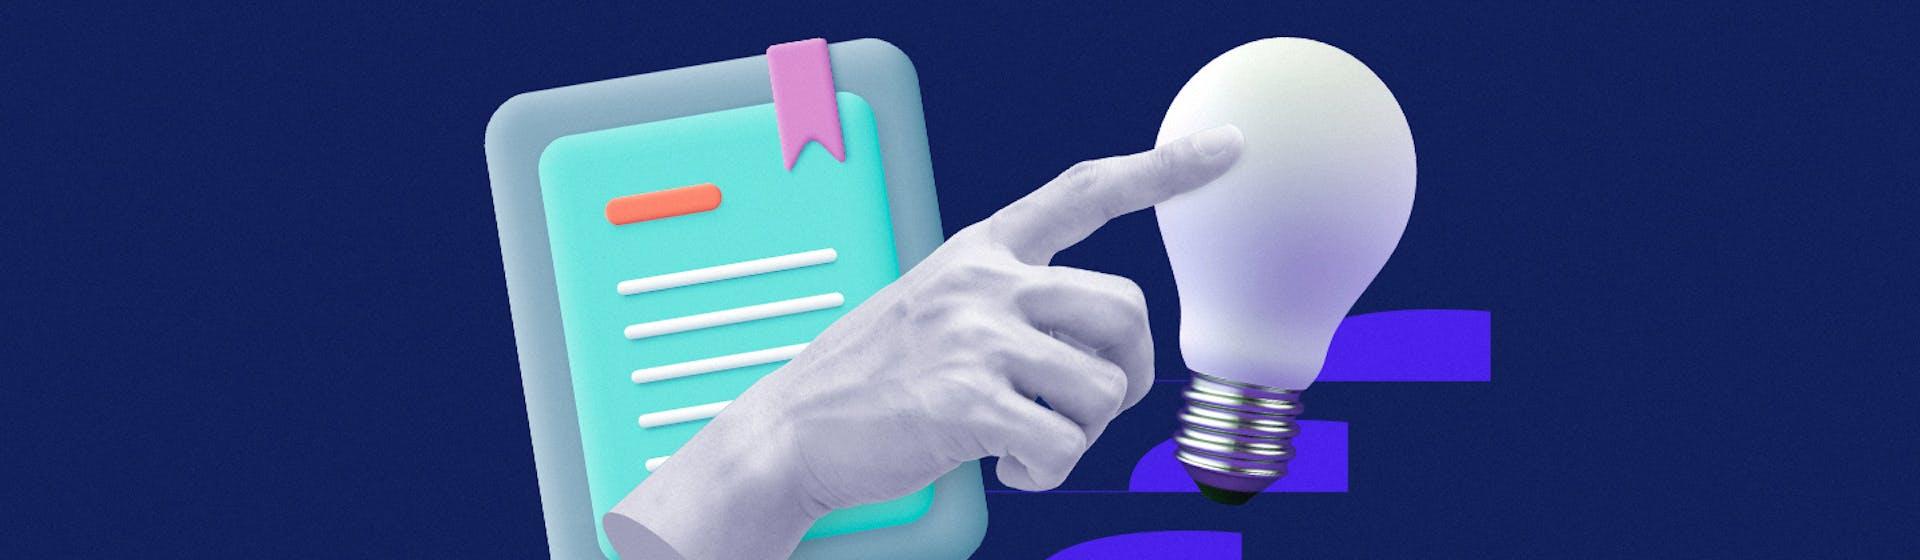 ¿Cómo realizar un proceso de negociación? Guía para conseguir más inversionistas para tu empresa